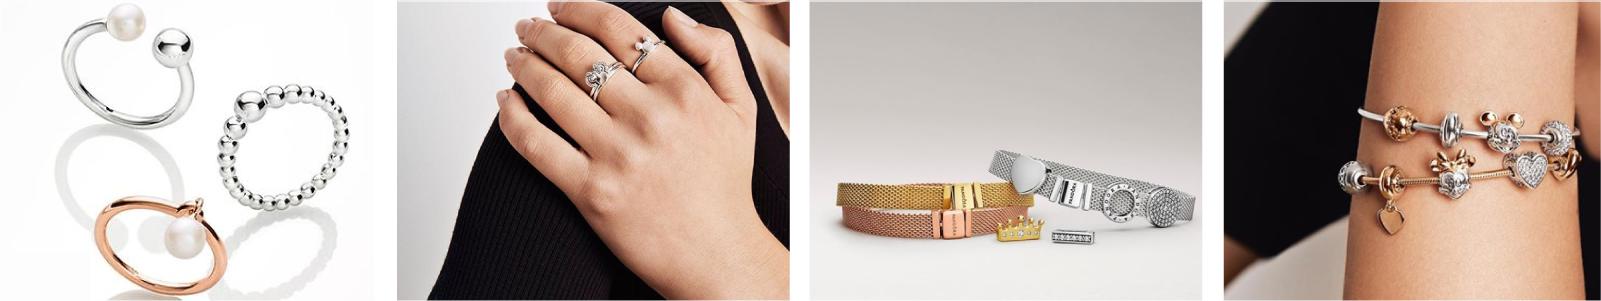 Pandora-armbanden,-ringen,-hangers,bedels,-zilveren-en-gouden-sieraden-kopen-bij-Wolters-Juweliers-Coevorden-Emmen